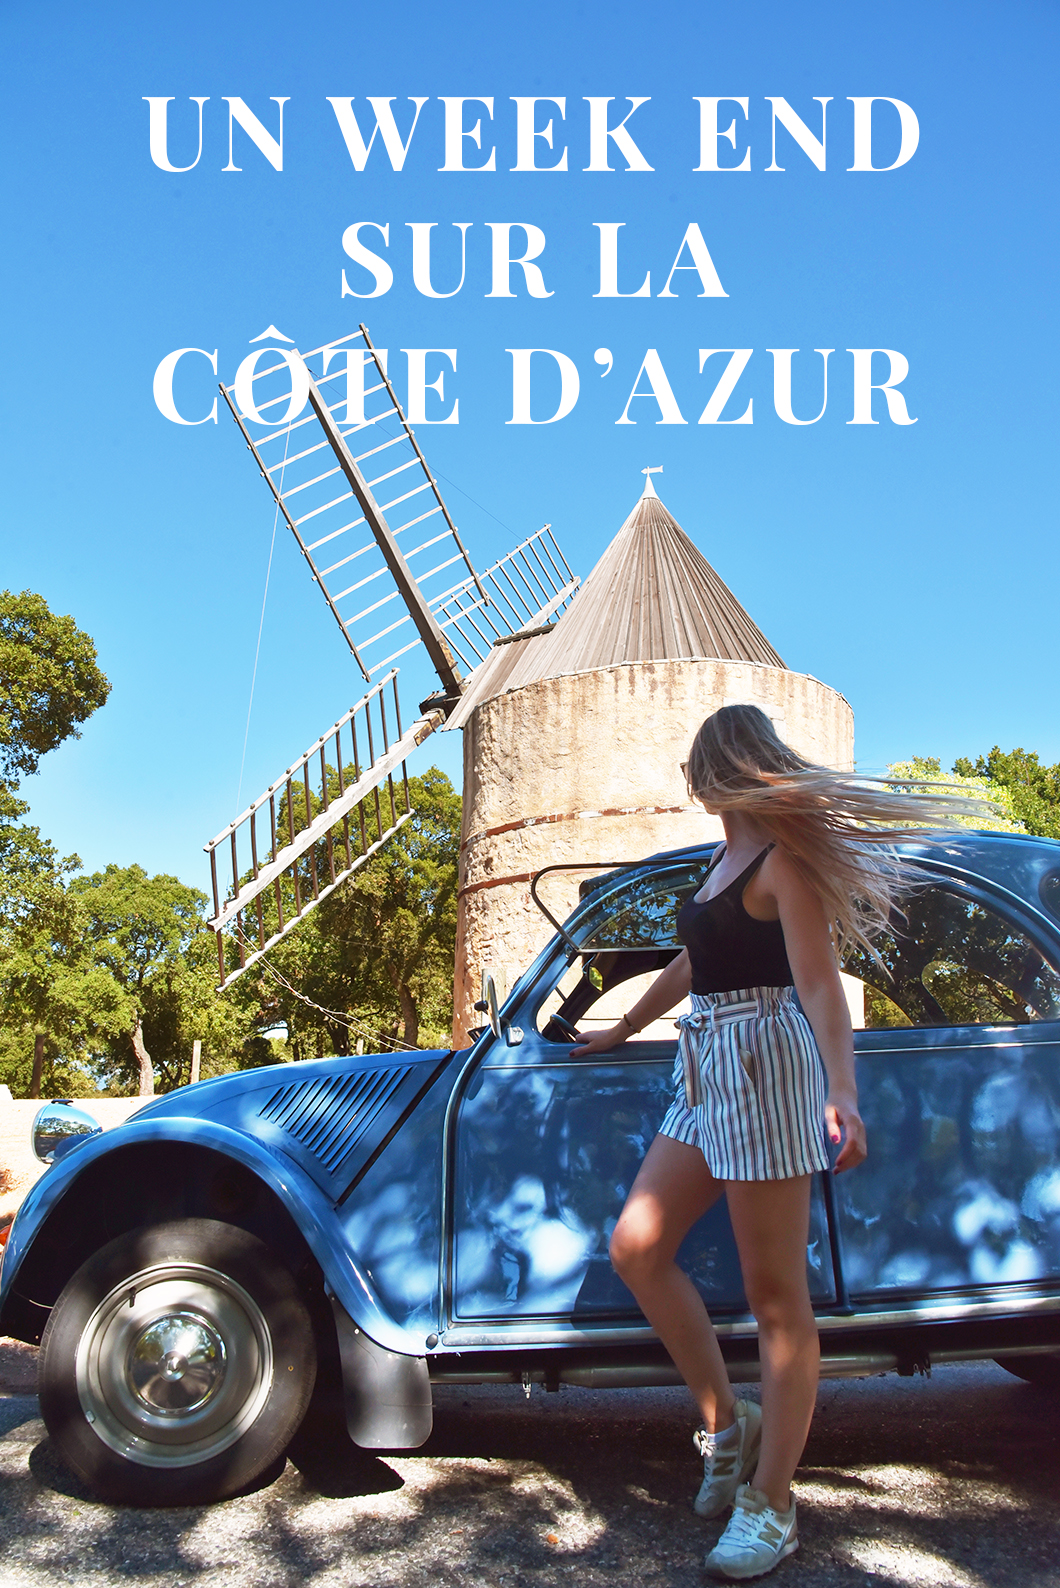 Guide d'un week end sur la Côte d'Azur